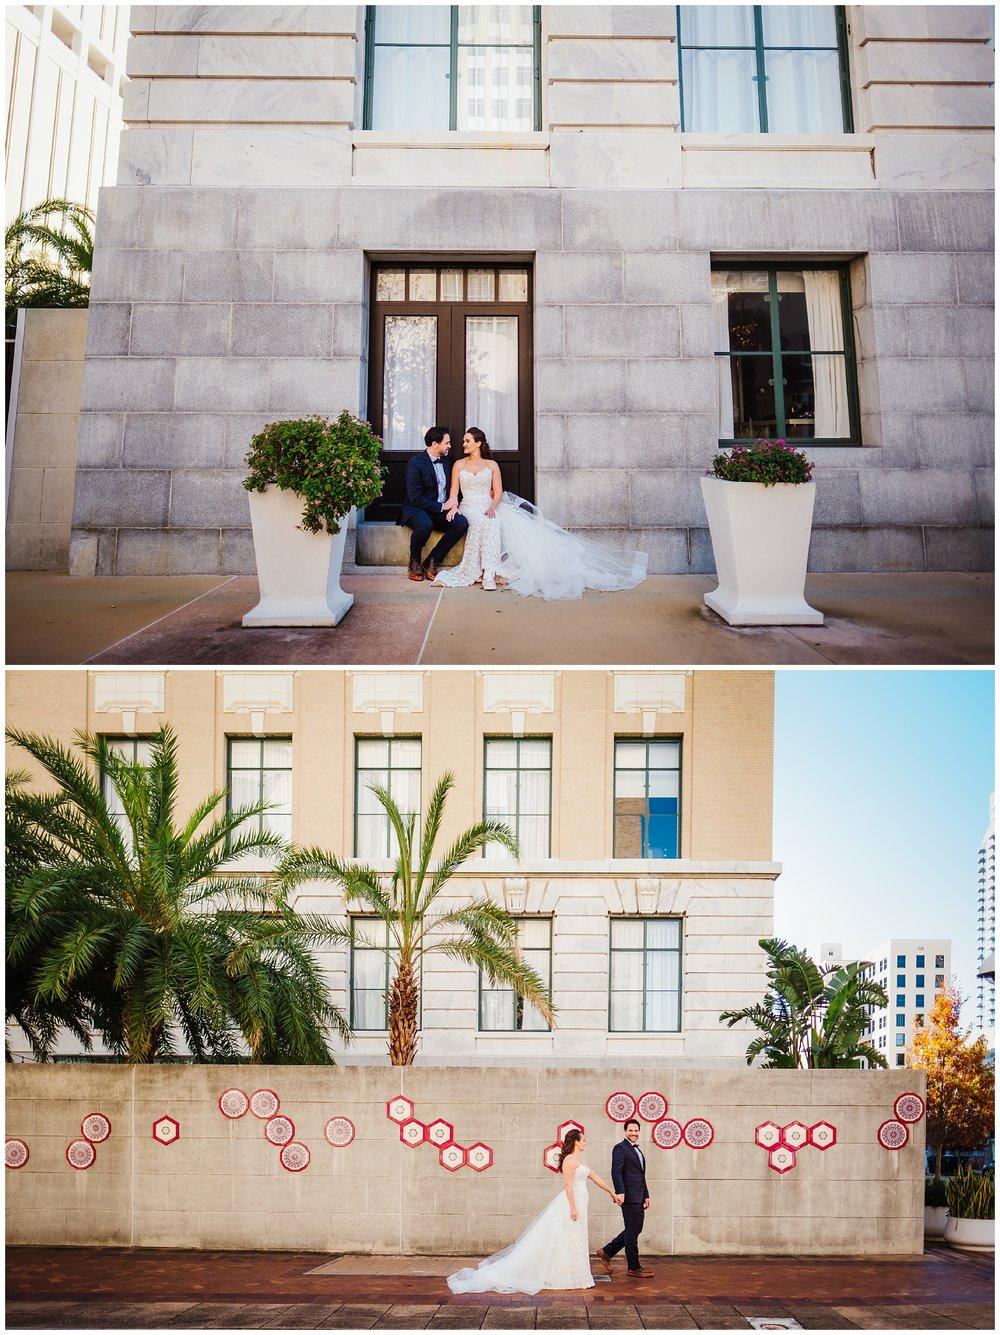 tampa-wedding-photographer-davis-island-flamingo-garden-alexander-mcqueen-non-traditional_0018.jpg